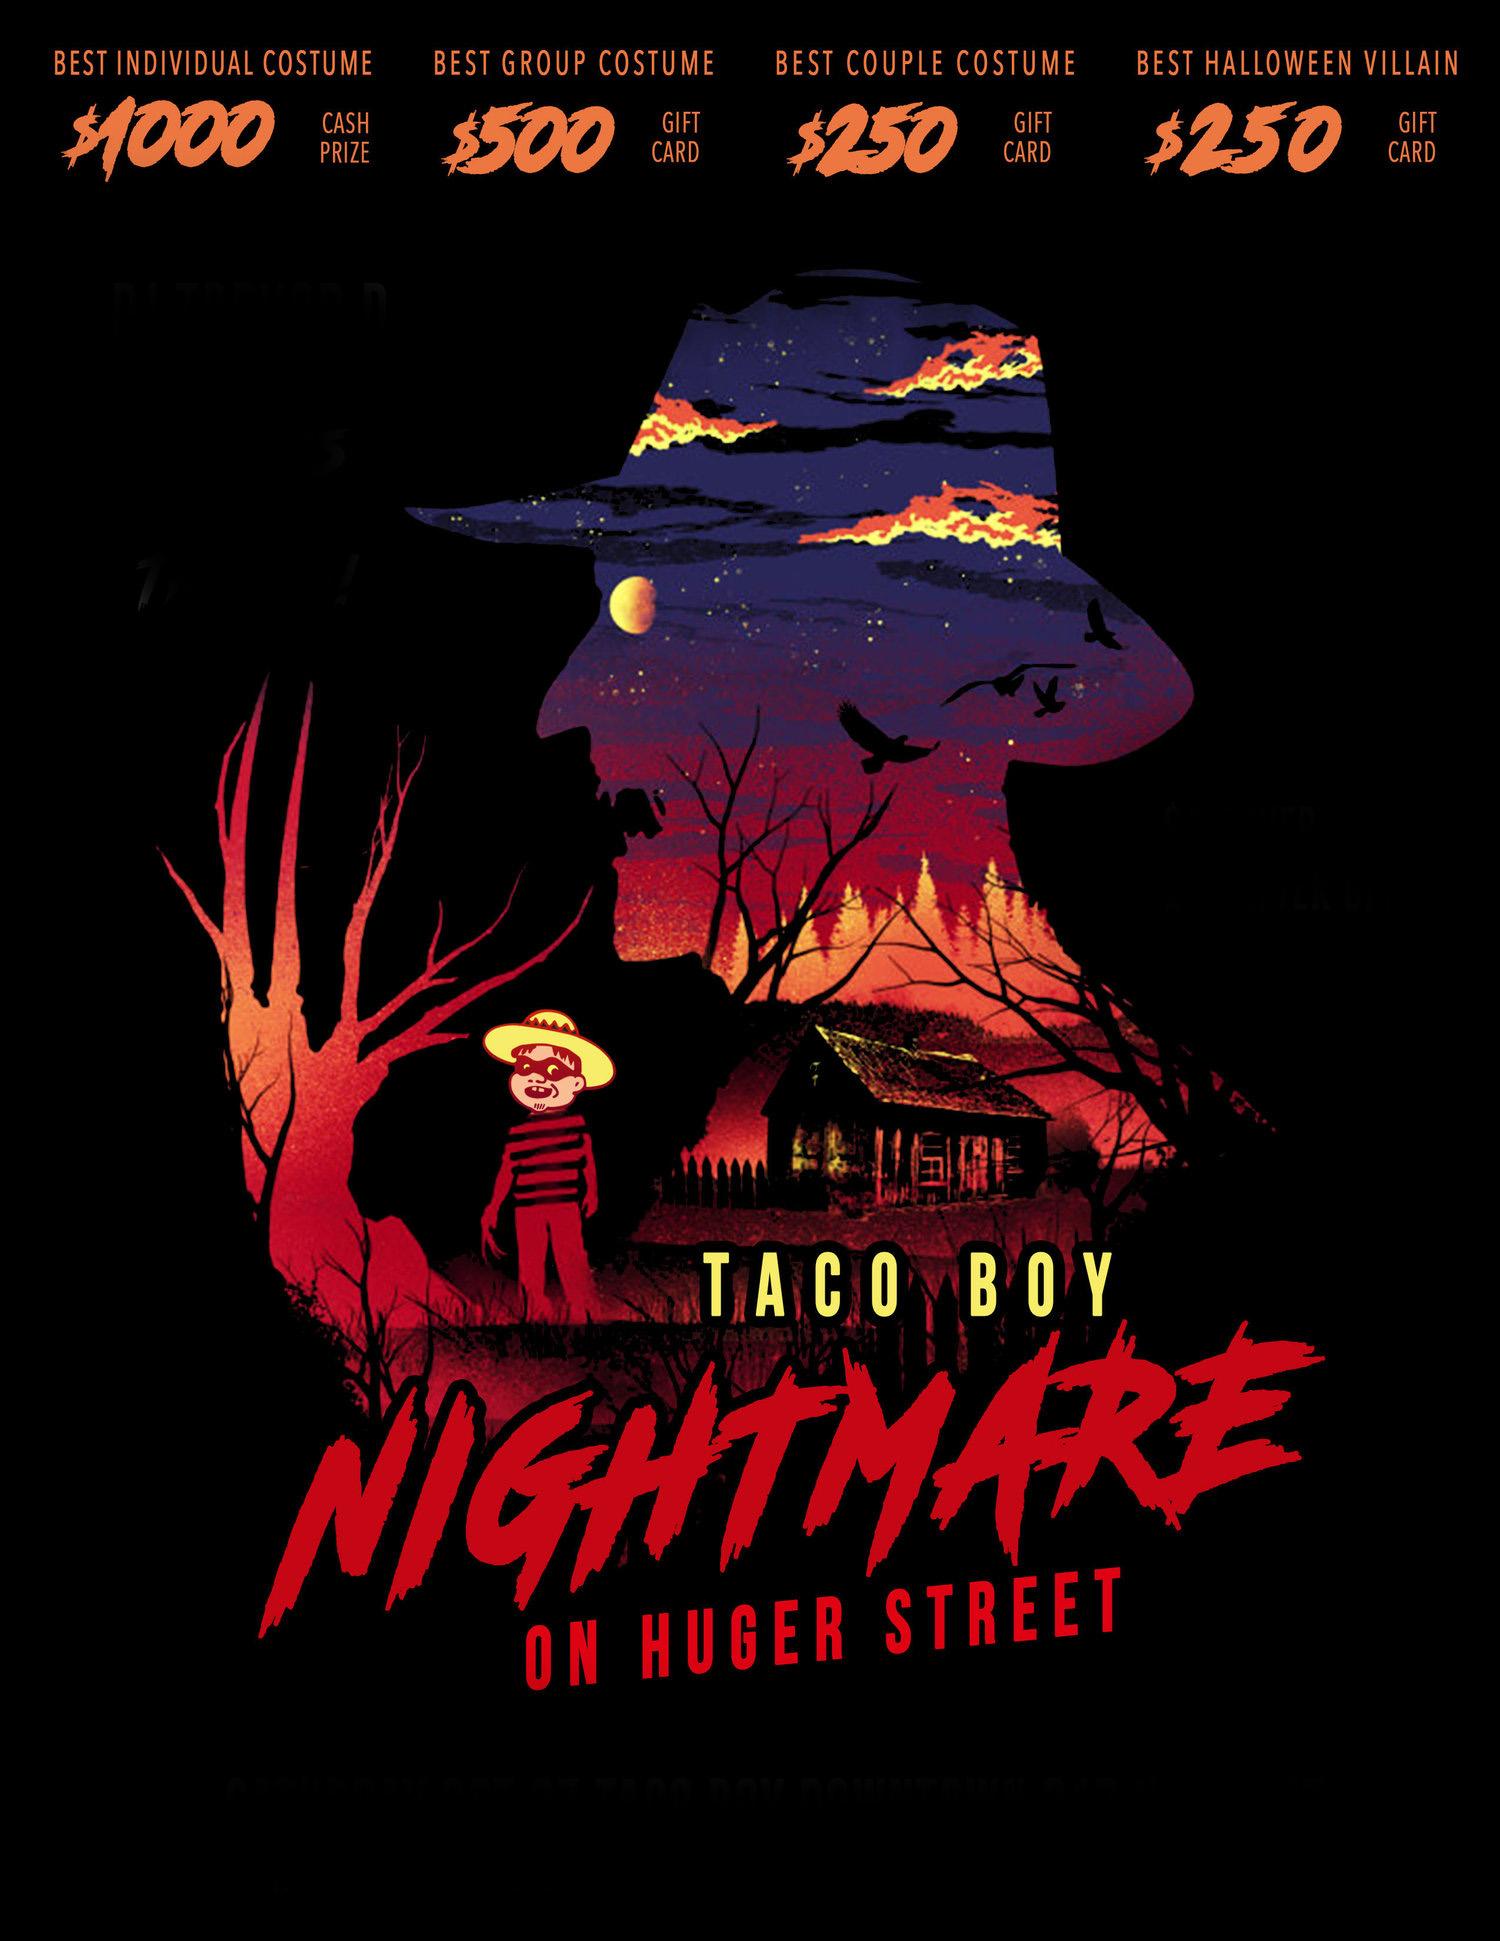 Nightmare+on+Huger+Street.jpeg